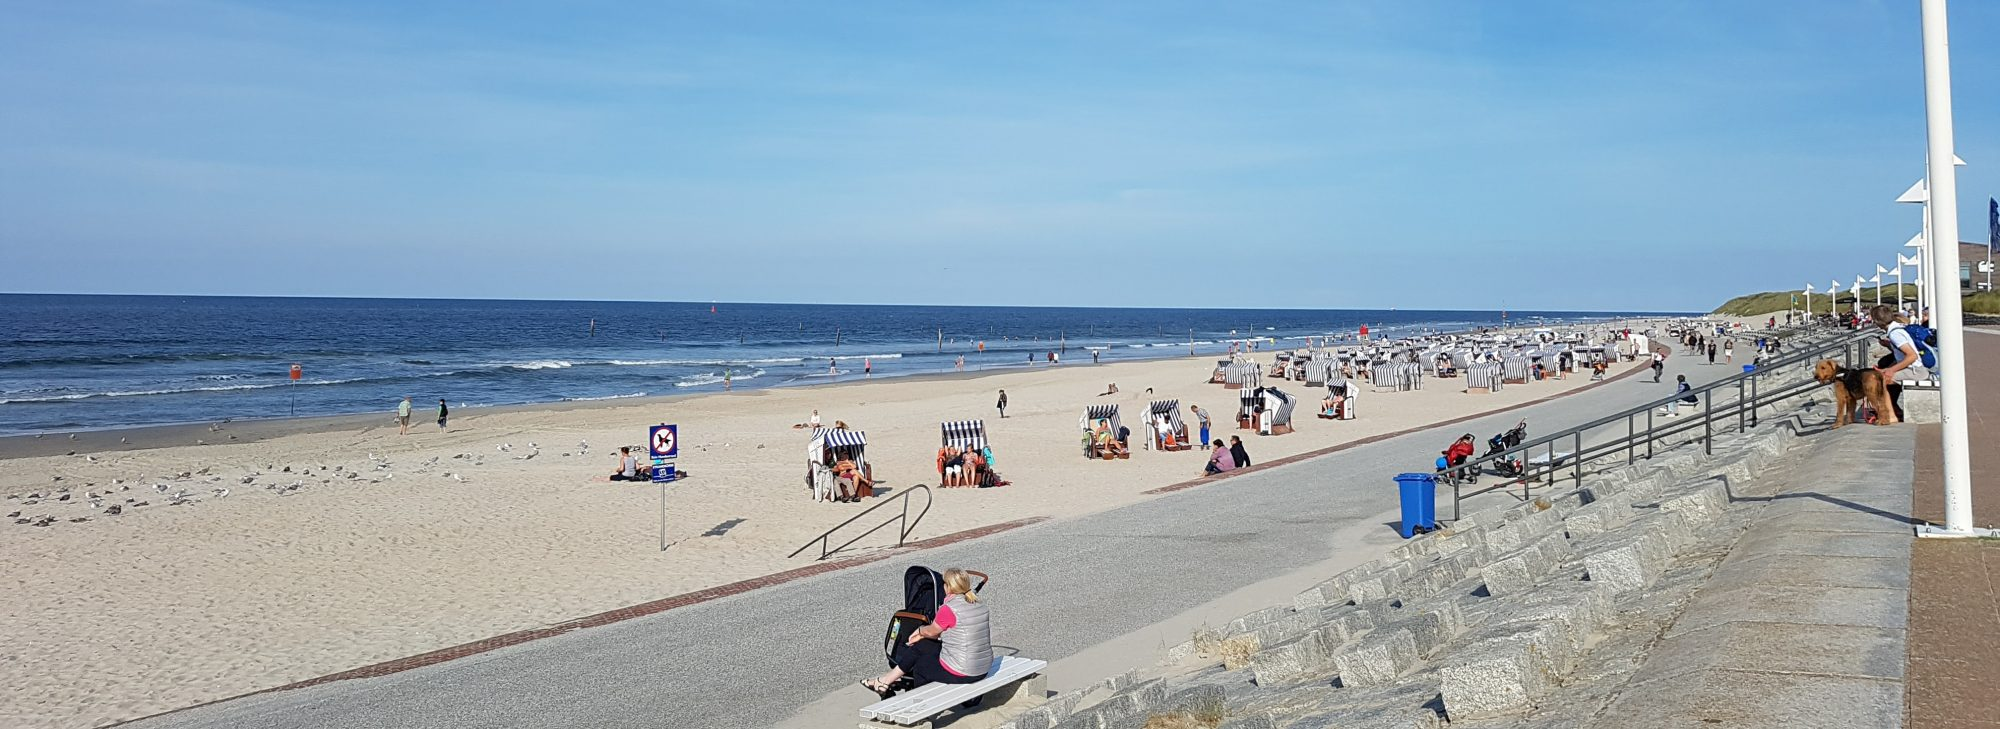 GardenStreet48.de: Komfort-Ferienwohnung auf Norderney